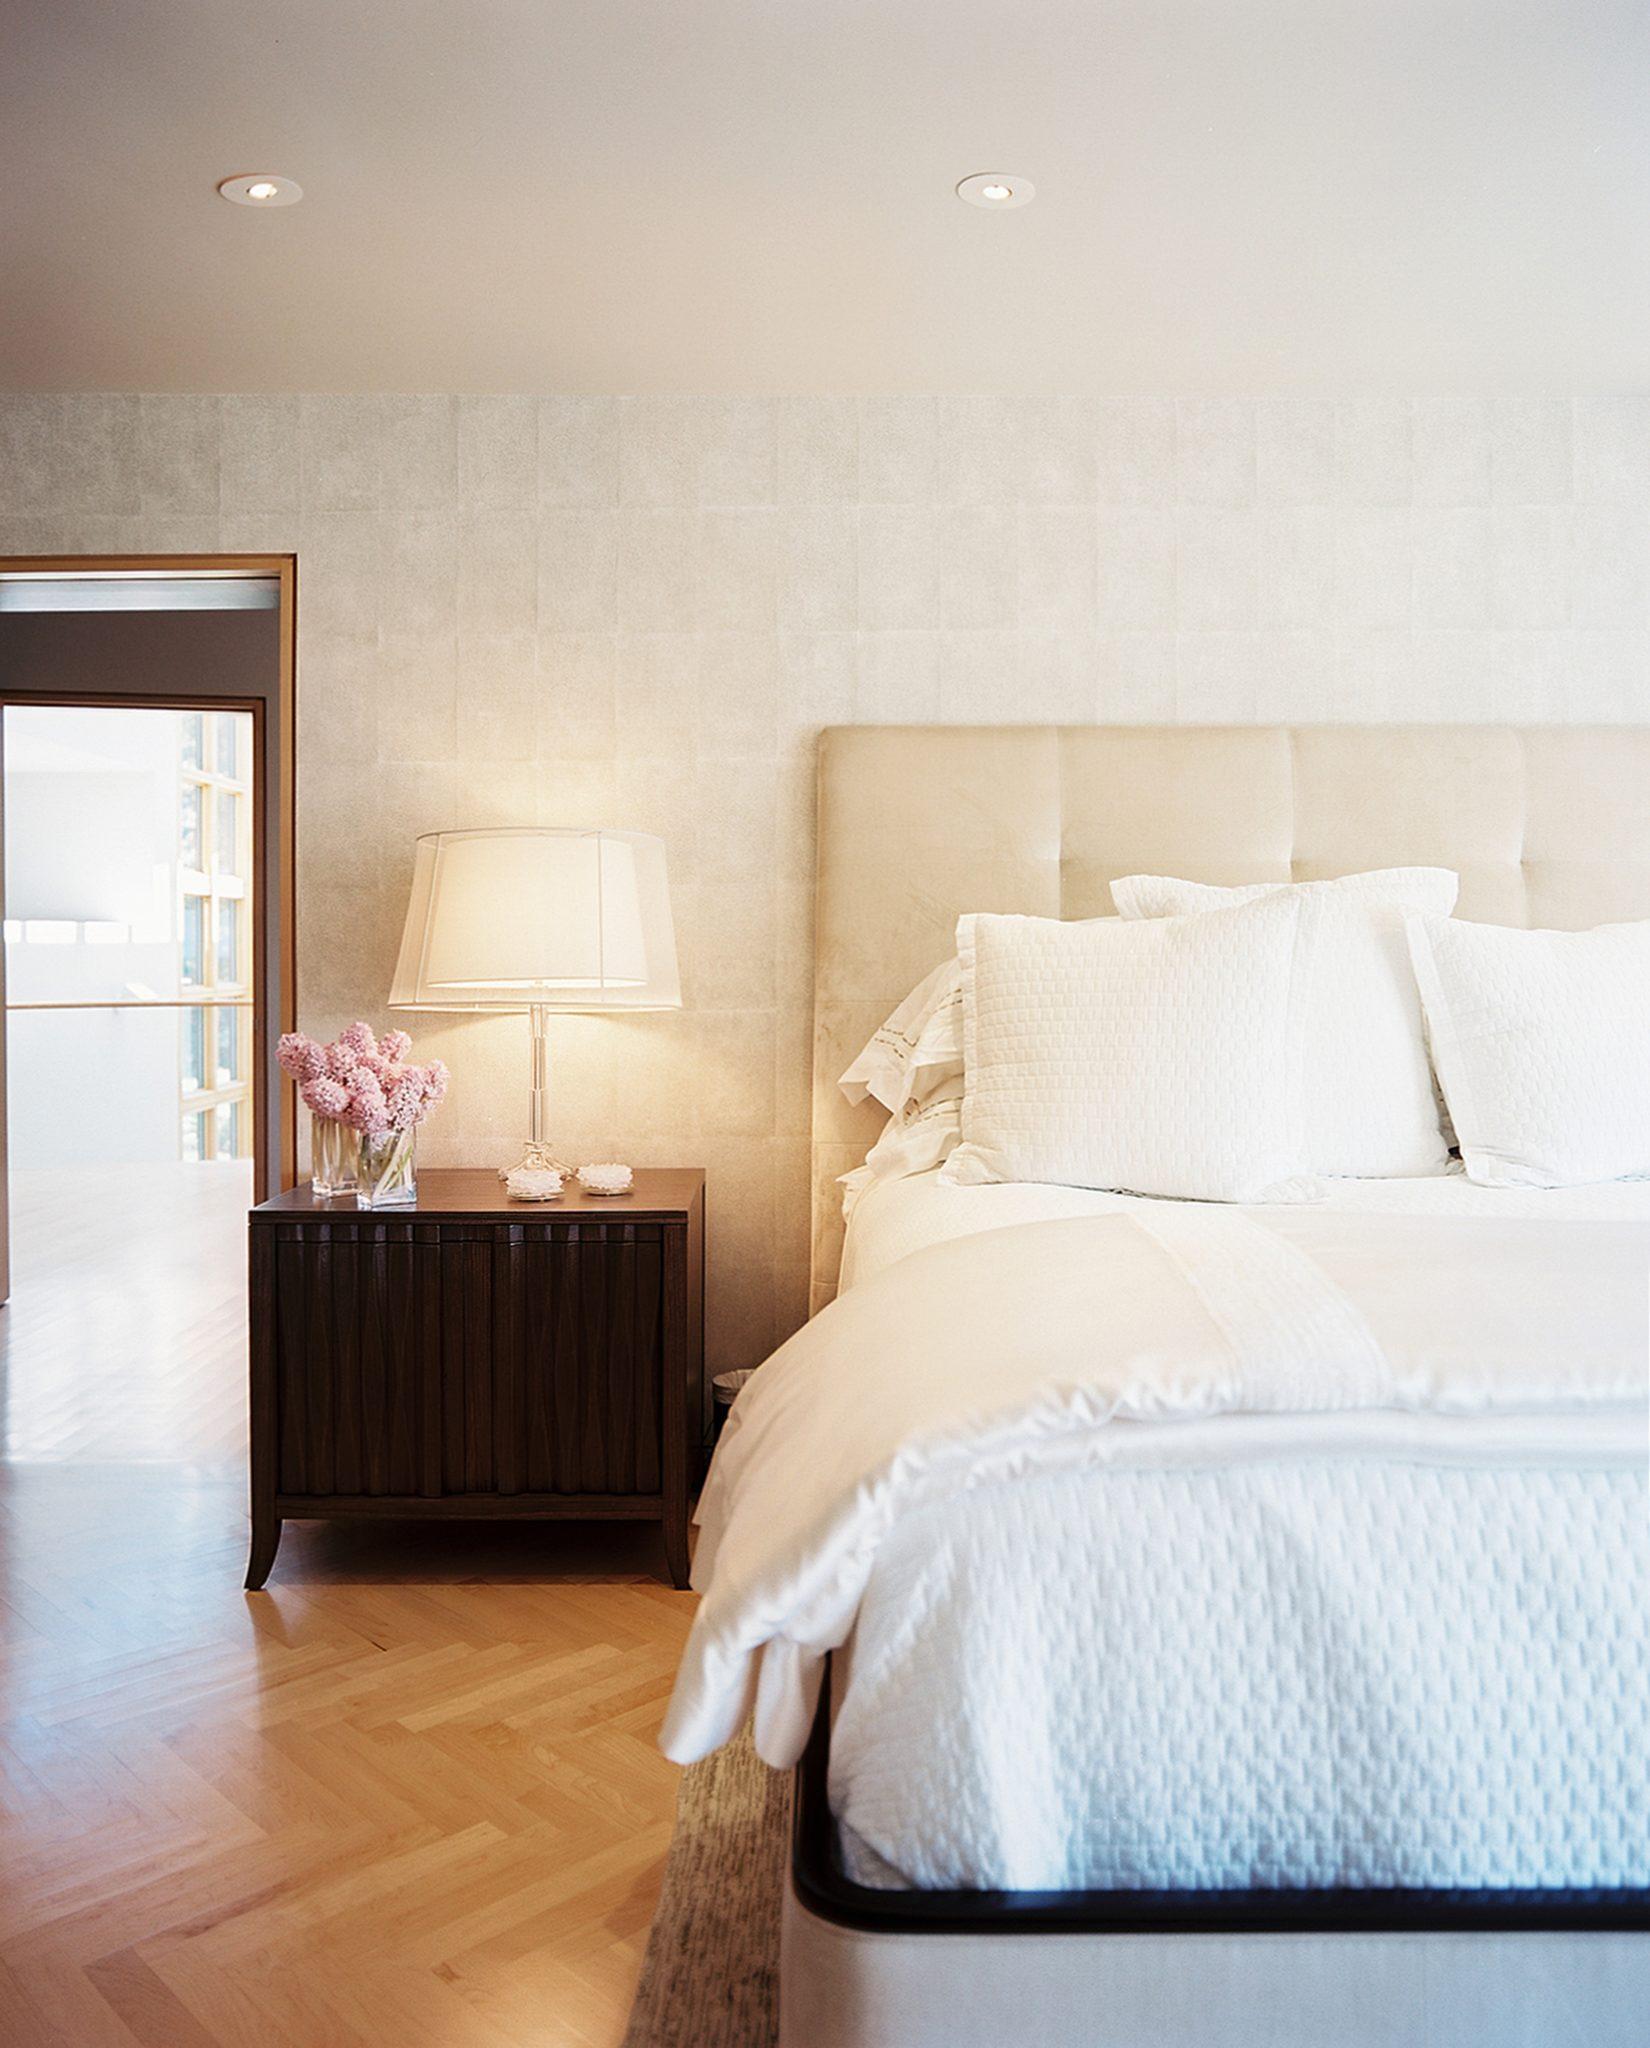 A cozy bedroom by Jamie Herzlinger